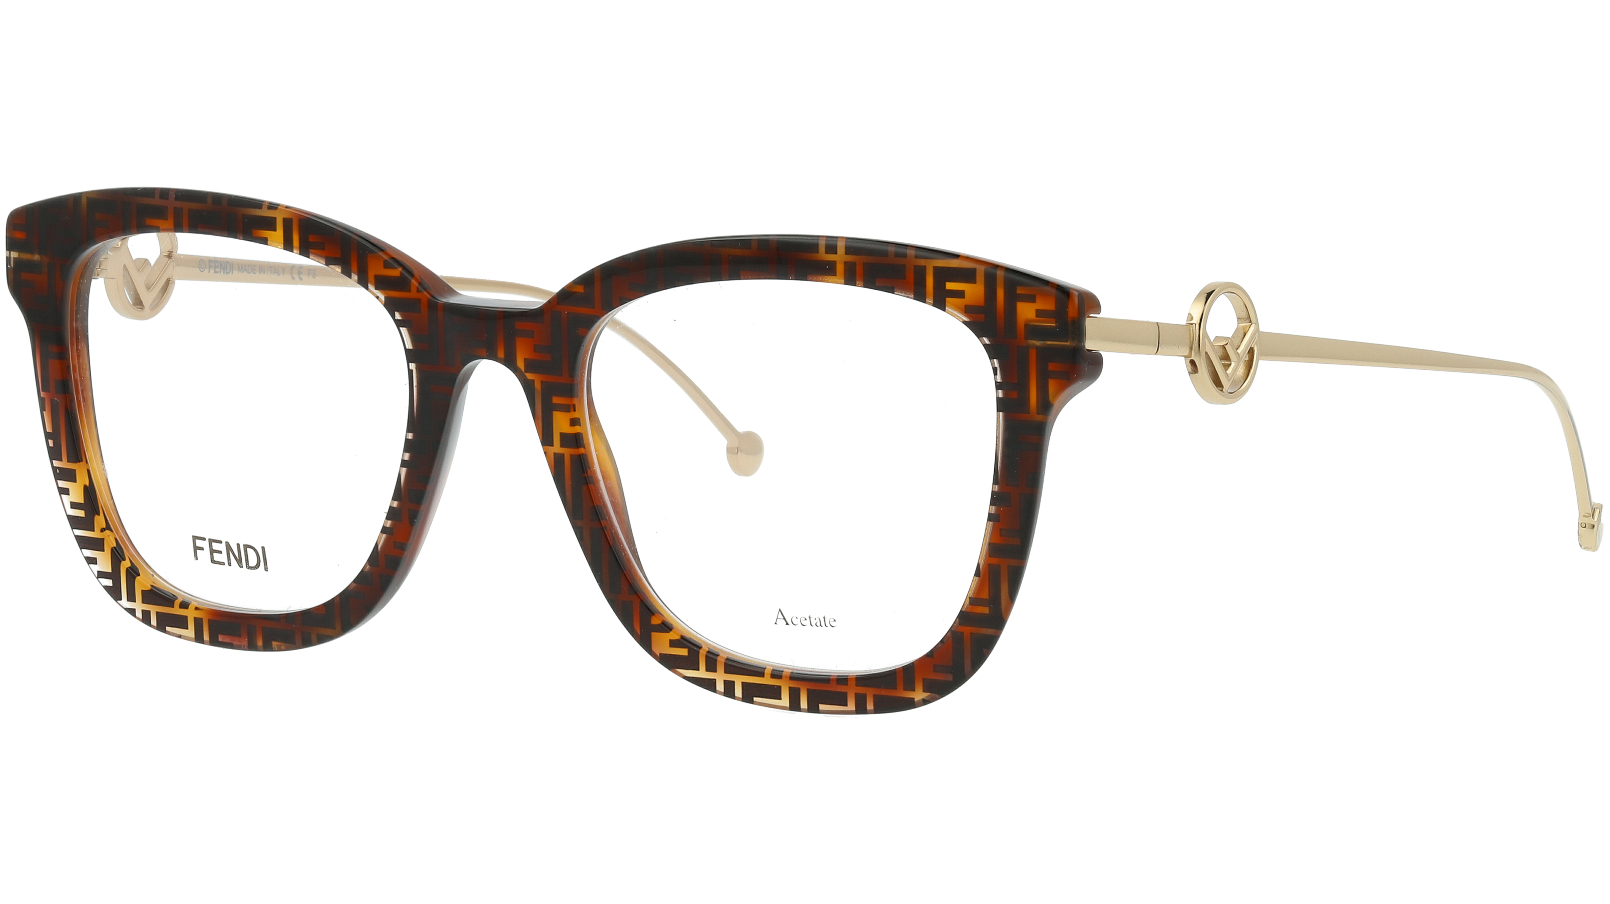 FENDI FF0419 086 50 DARK Glasses